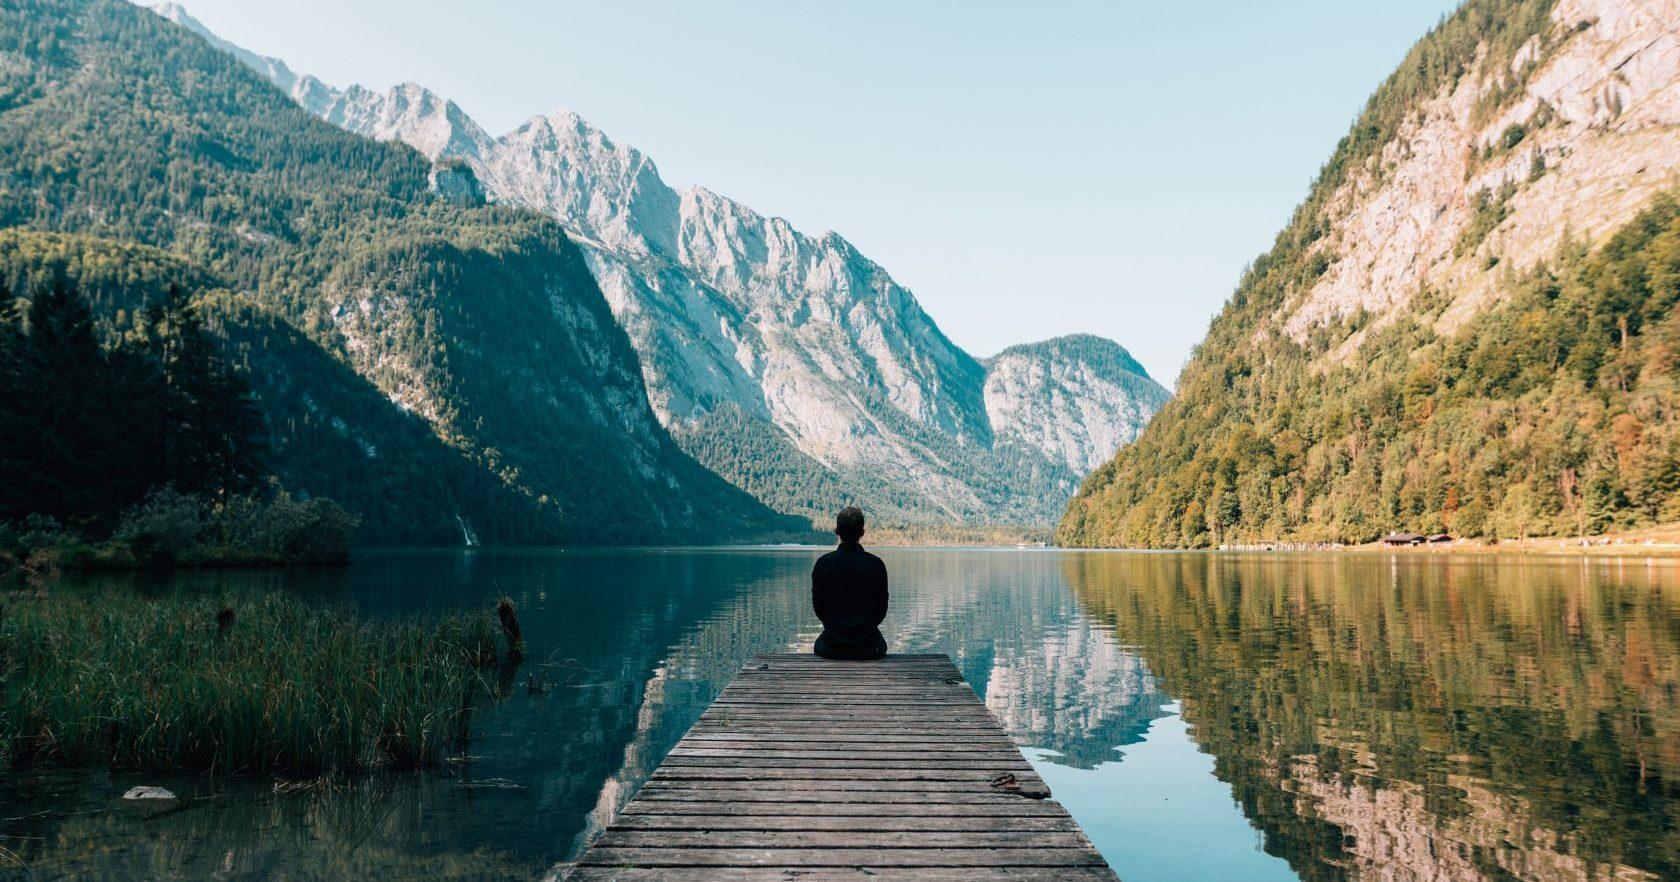 Personne de dos assise sur un ponton en bois qui regarde un paysage fait de montagnes et d'eau